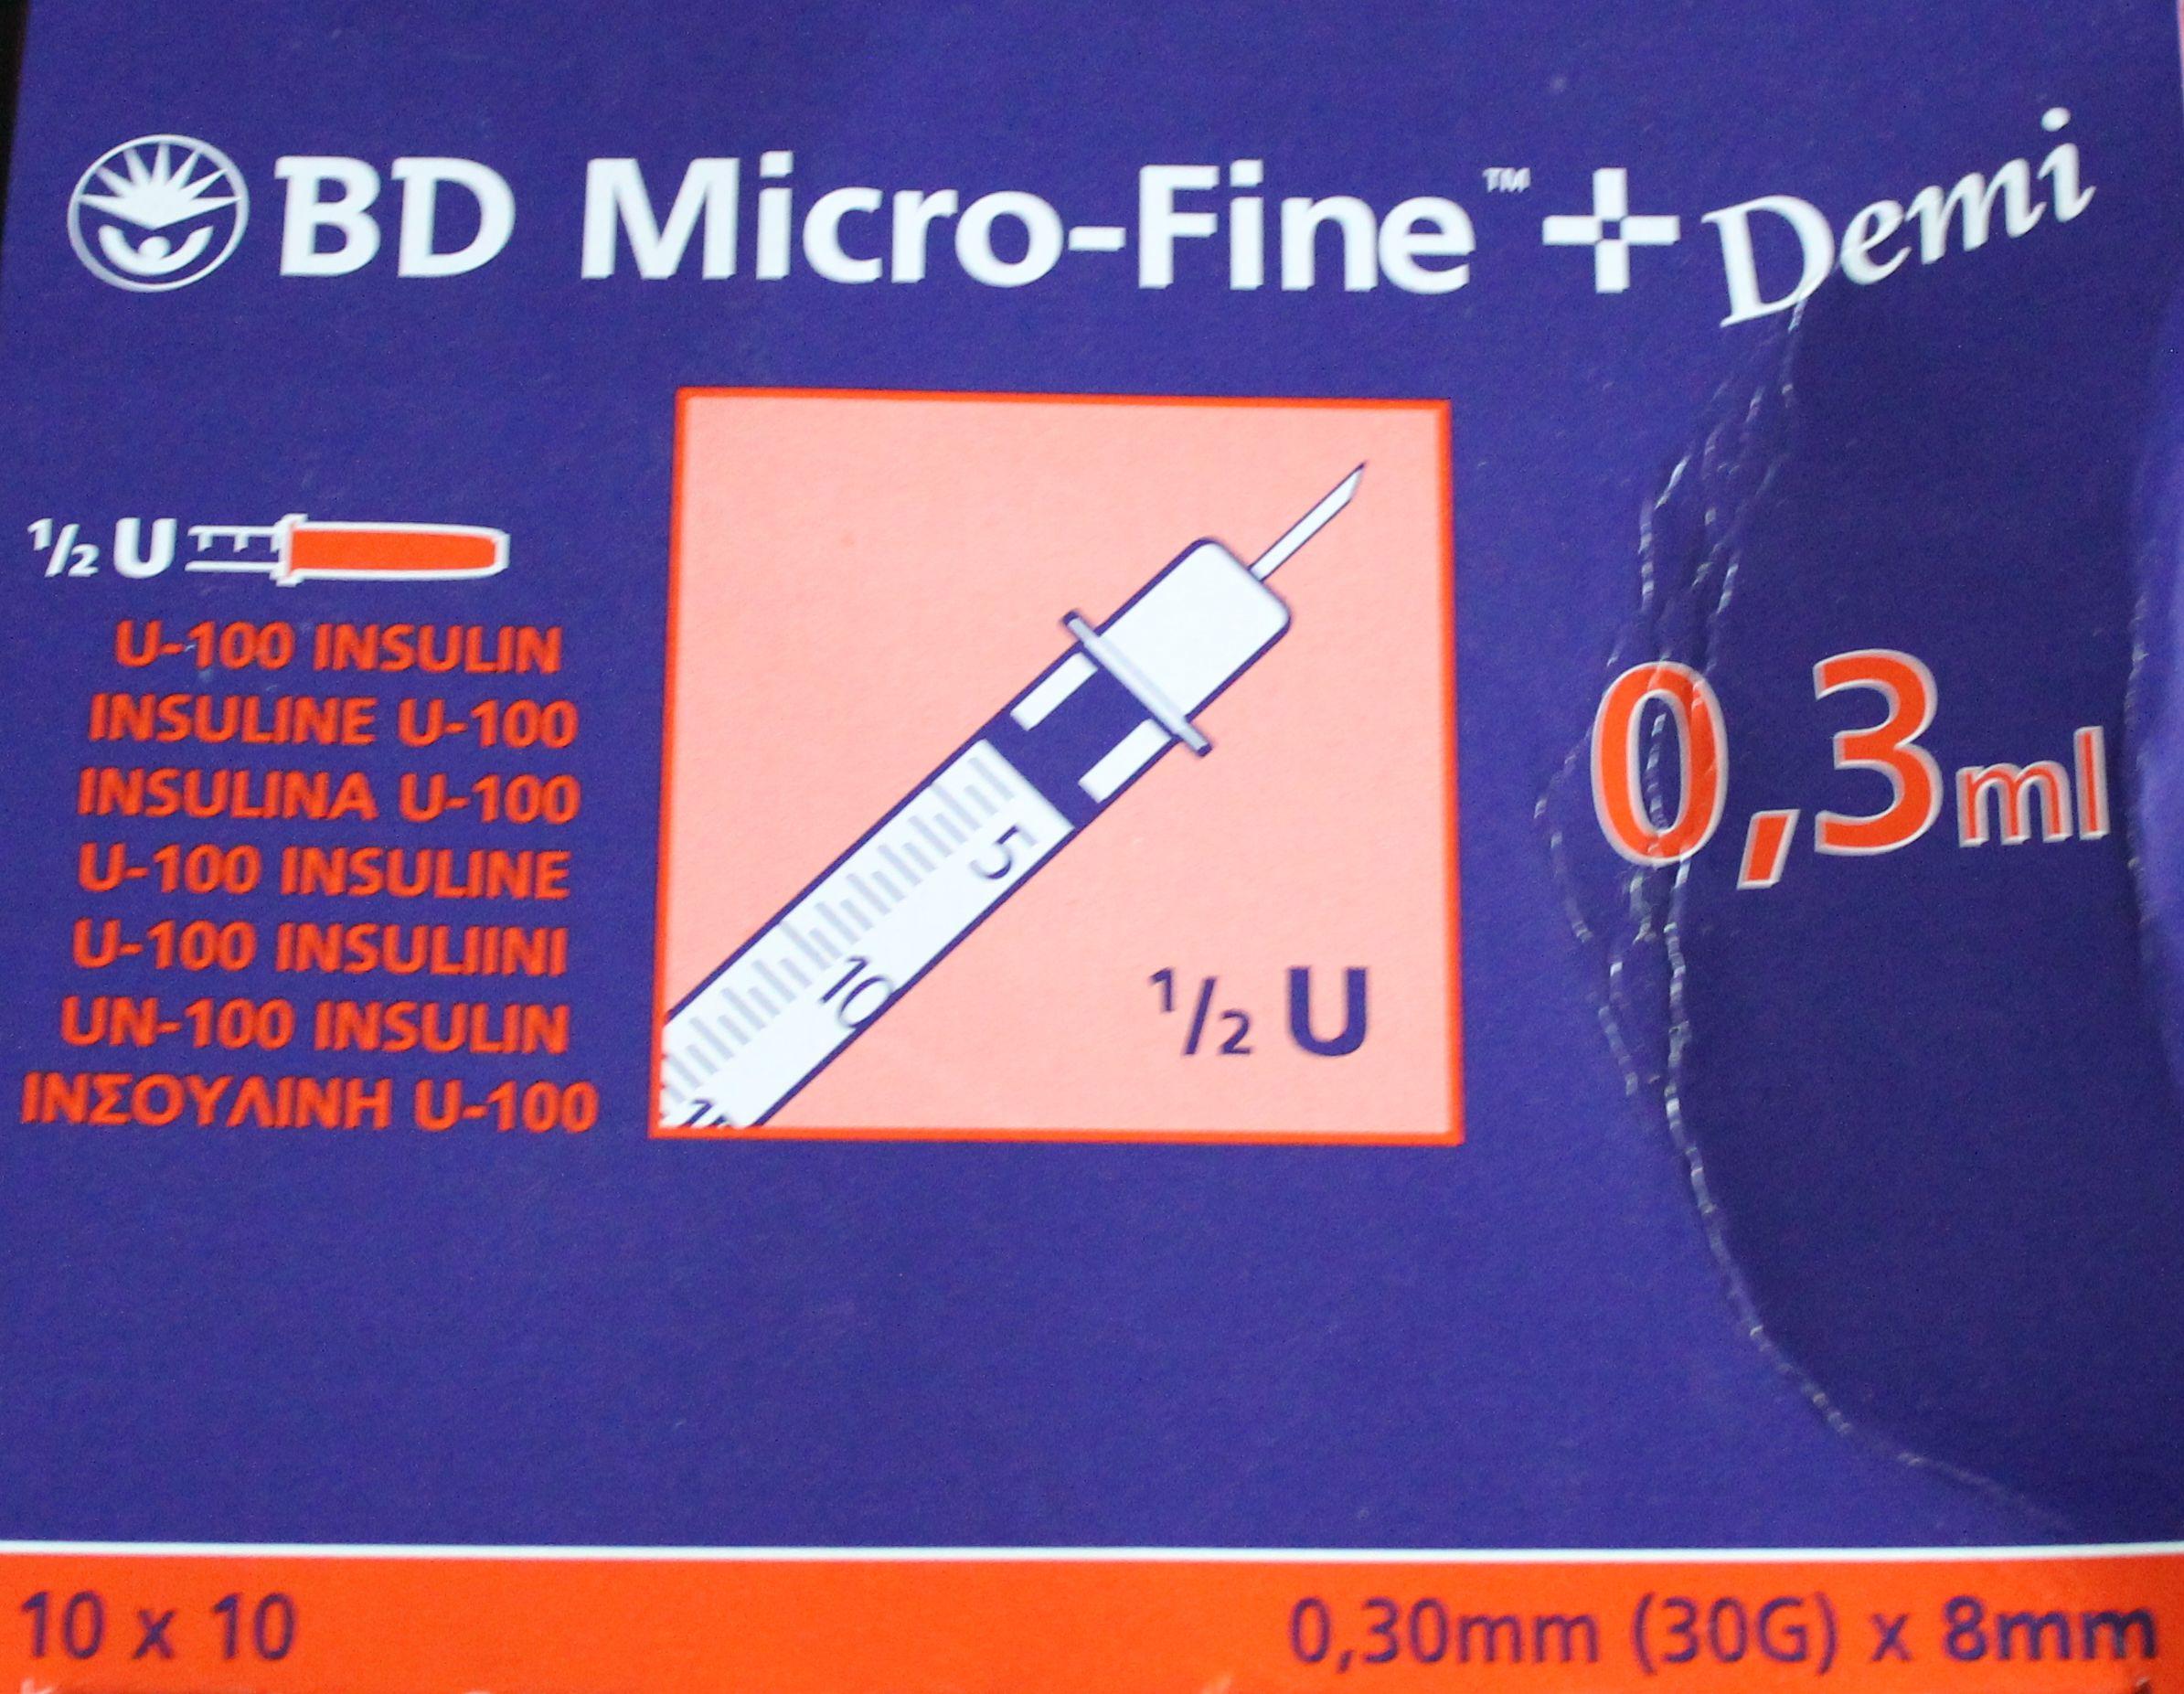 BD Micro-Fine+ Insulinspritzen Demi, 0,3mm (30G) x 8mm, 0,3ml, U 100 Insulin, 100 Stück